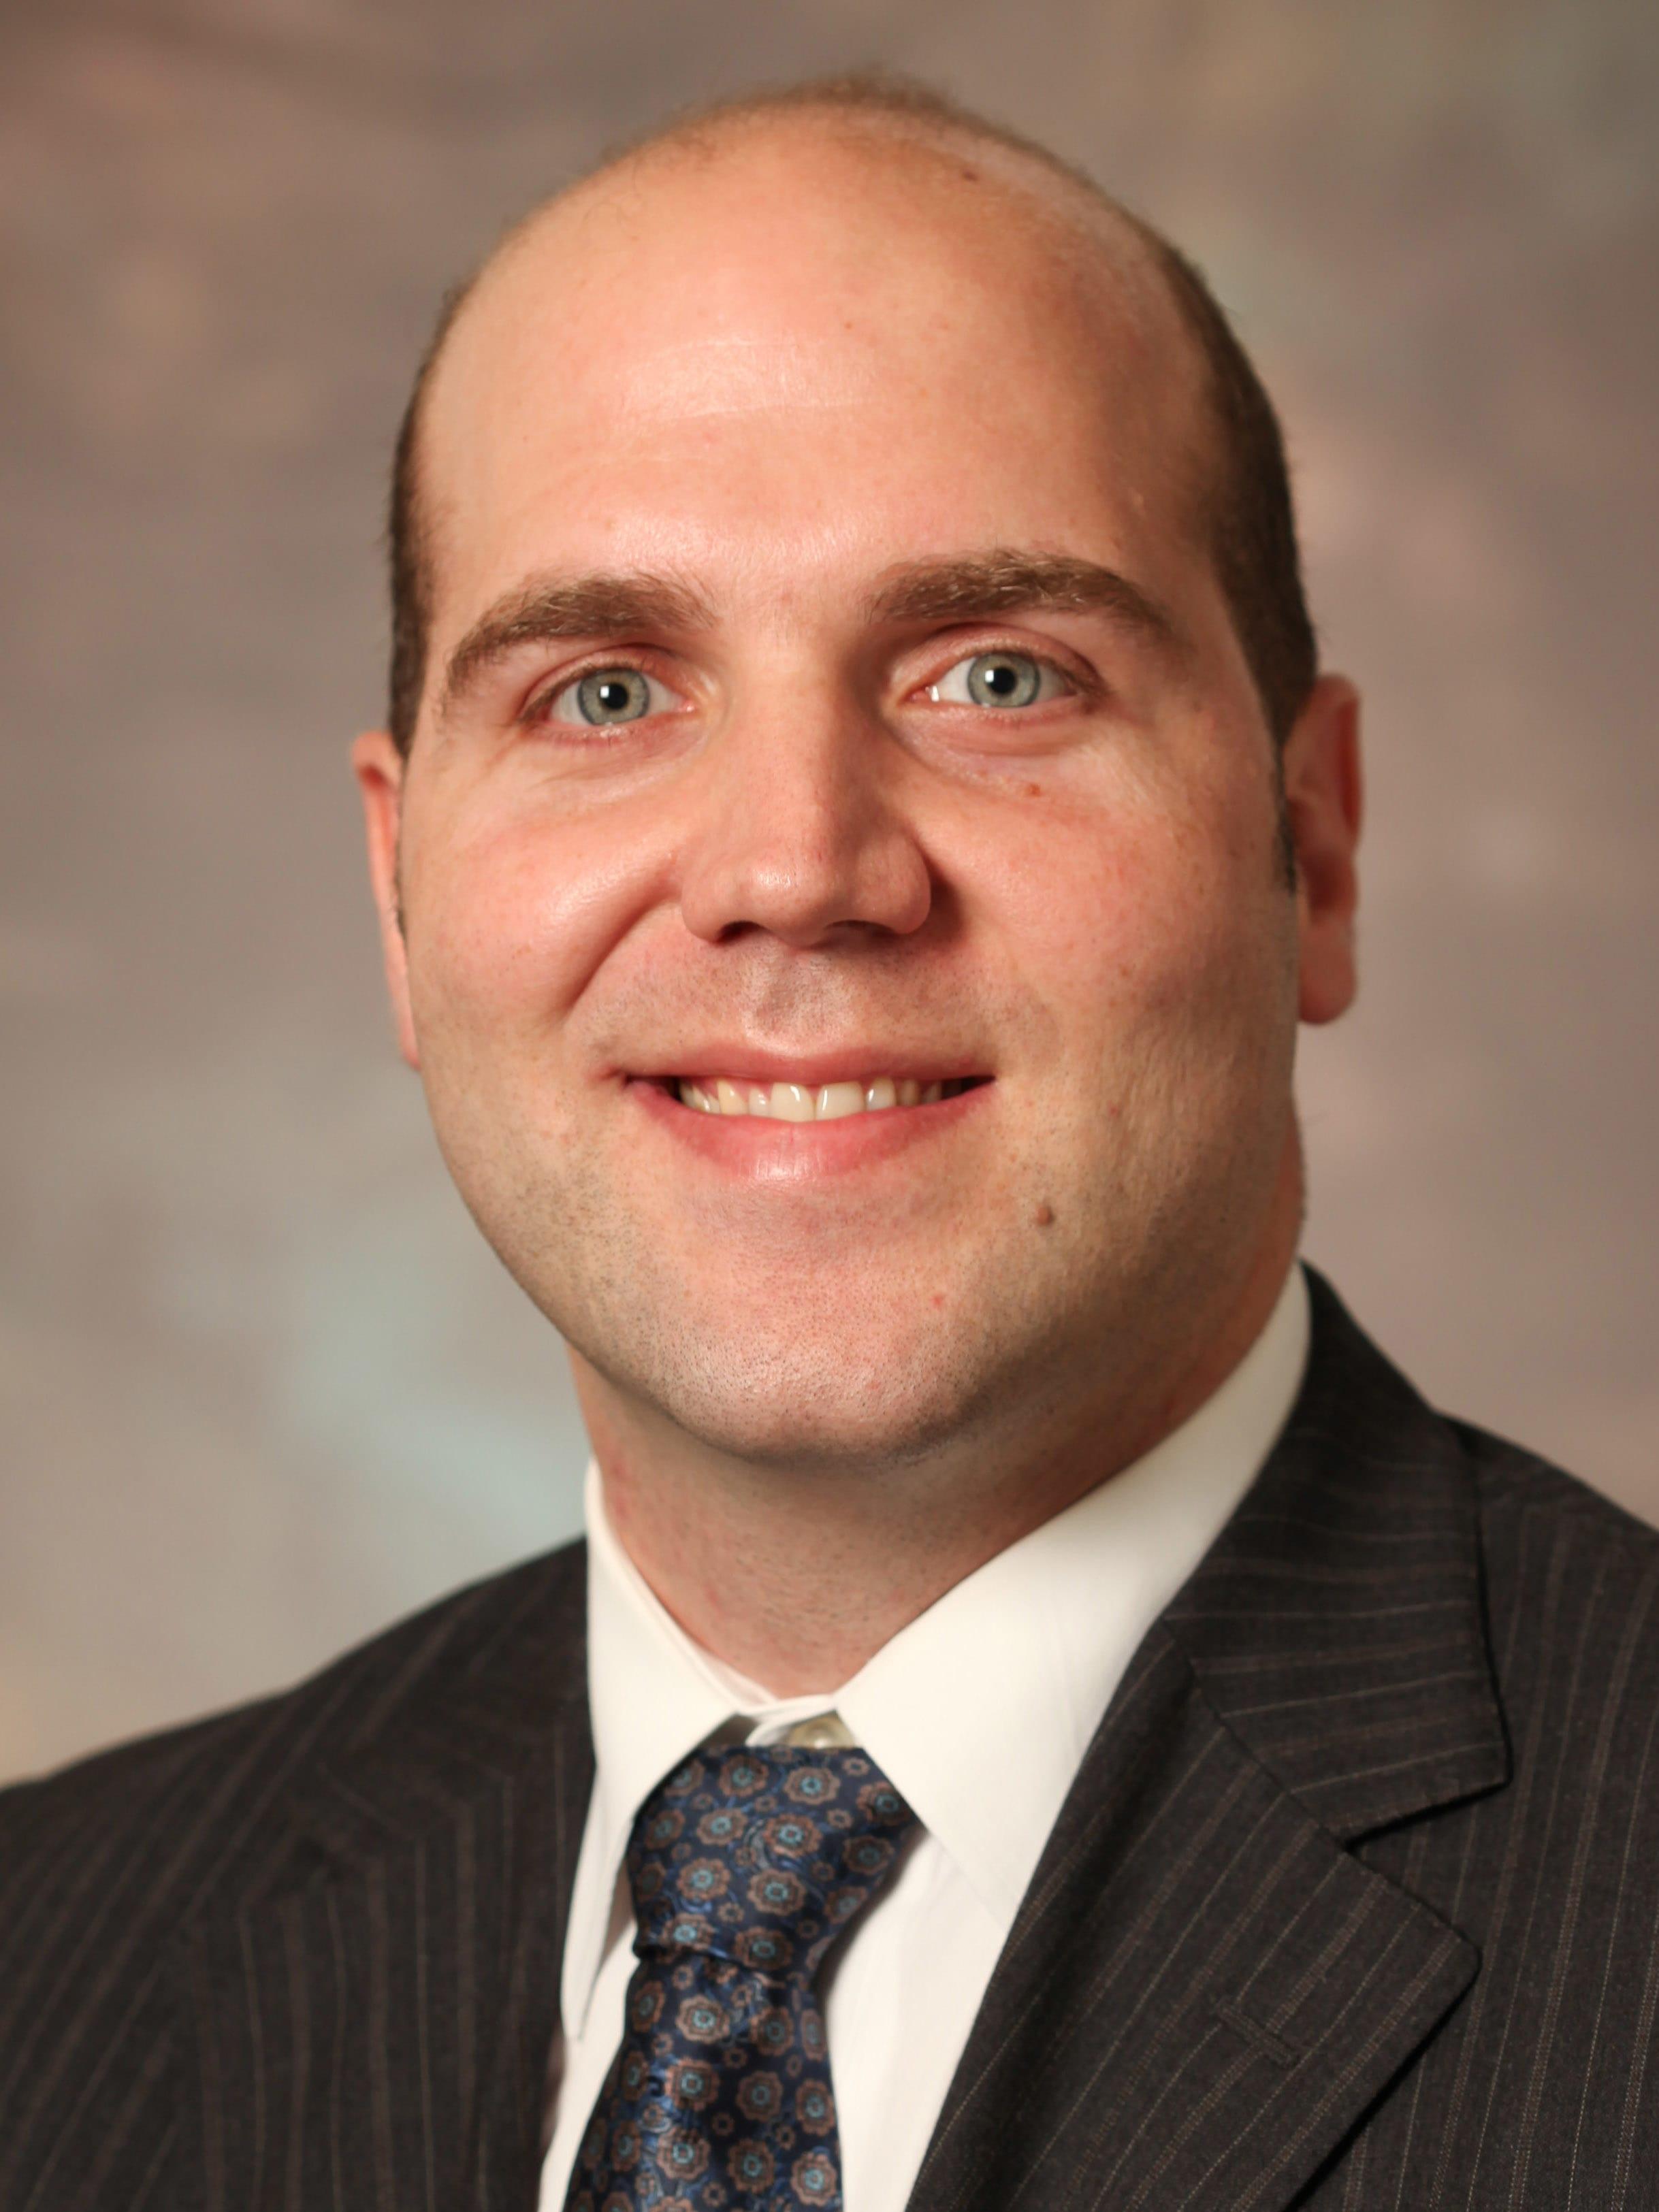 Michael DiLuna